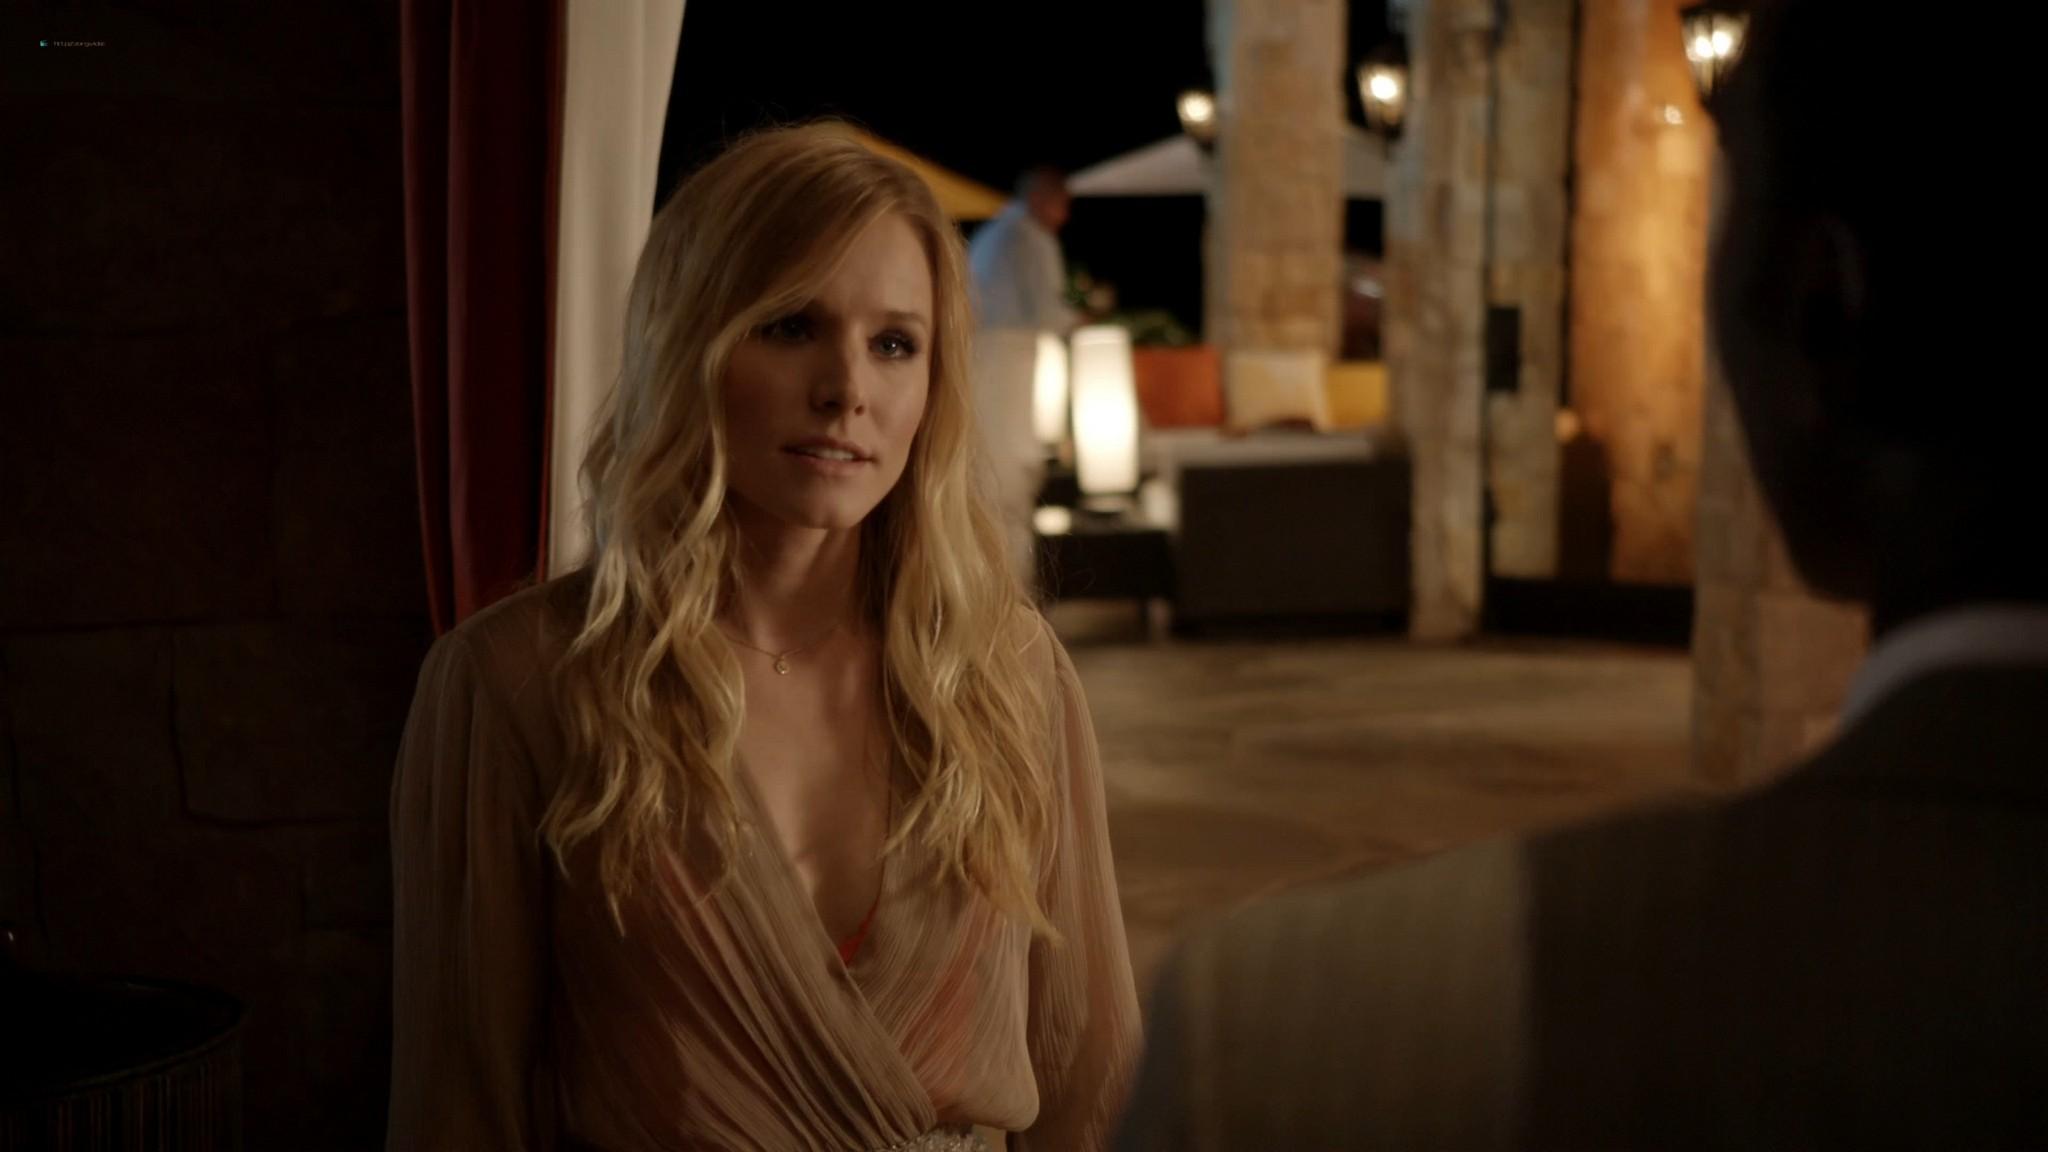 Anna Wood nude sex Kristen Bell hot House of Lies 2012 s1e8 12 1080p Web 3